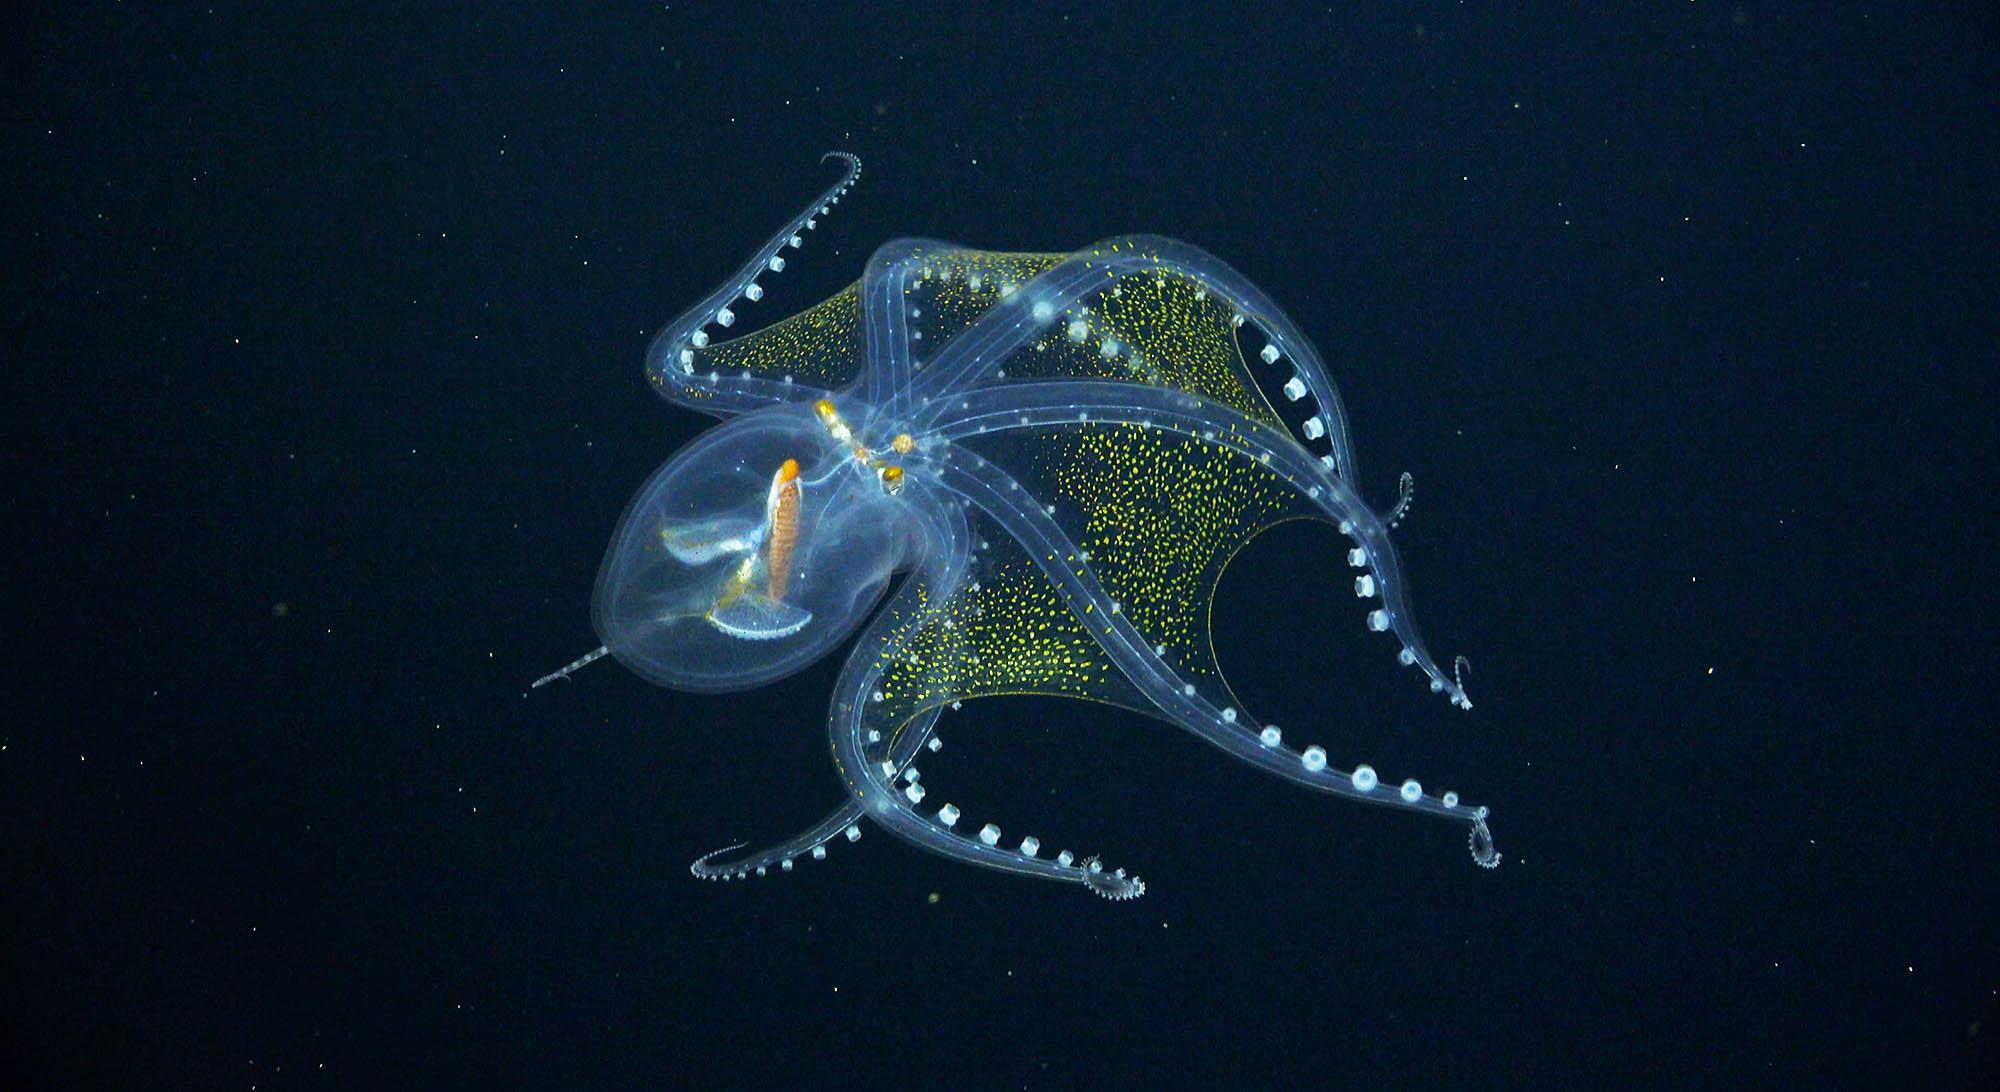 прозрачный осьминог видео стеклянный осьминог